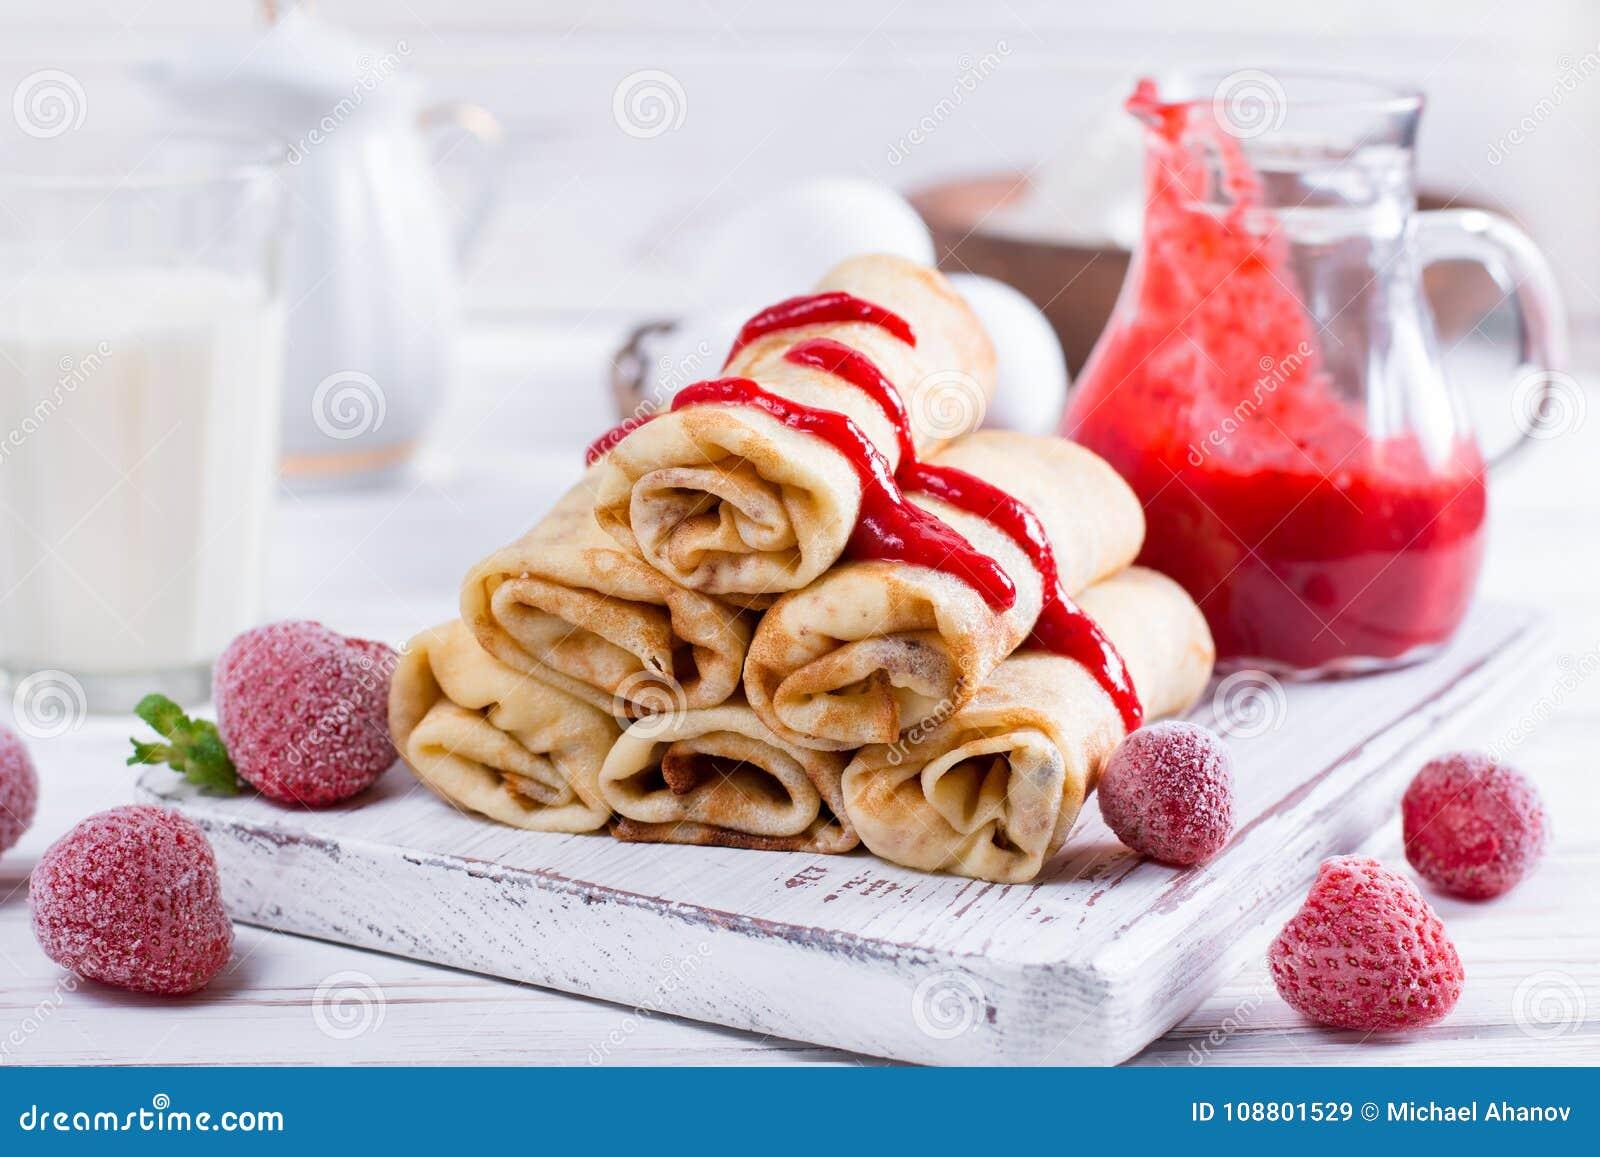 薄煎饼用酸奶干酪和果酱填装了早餐